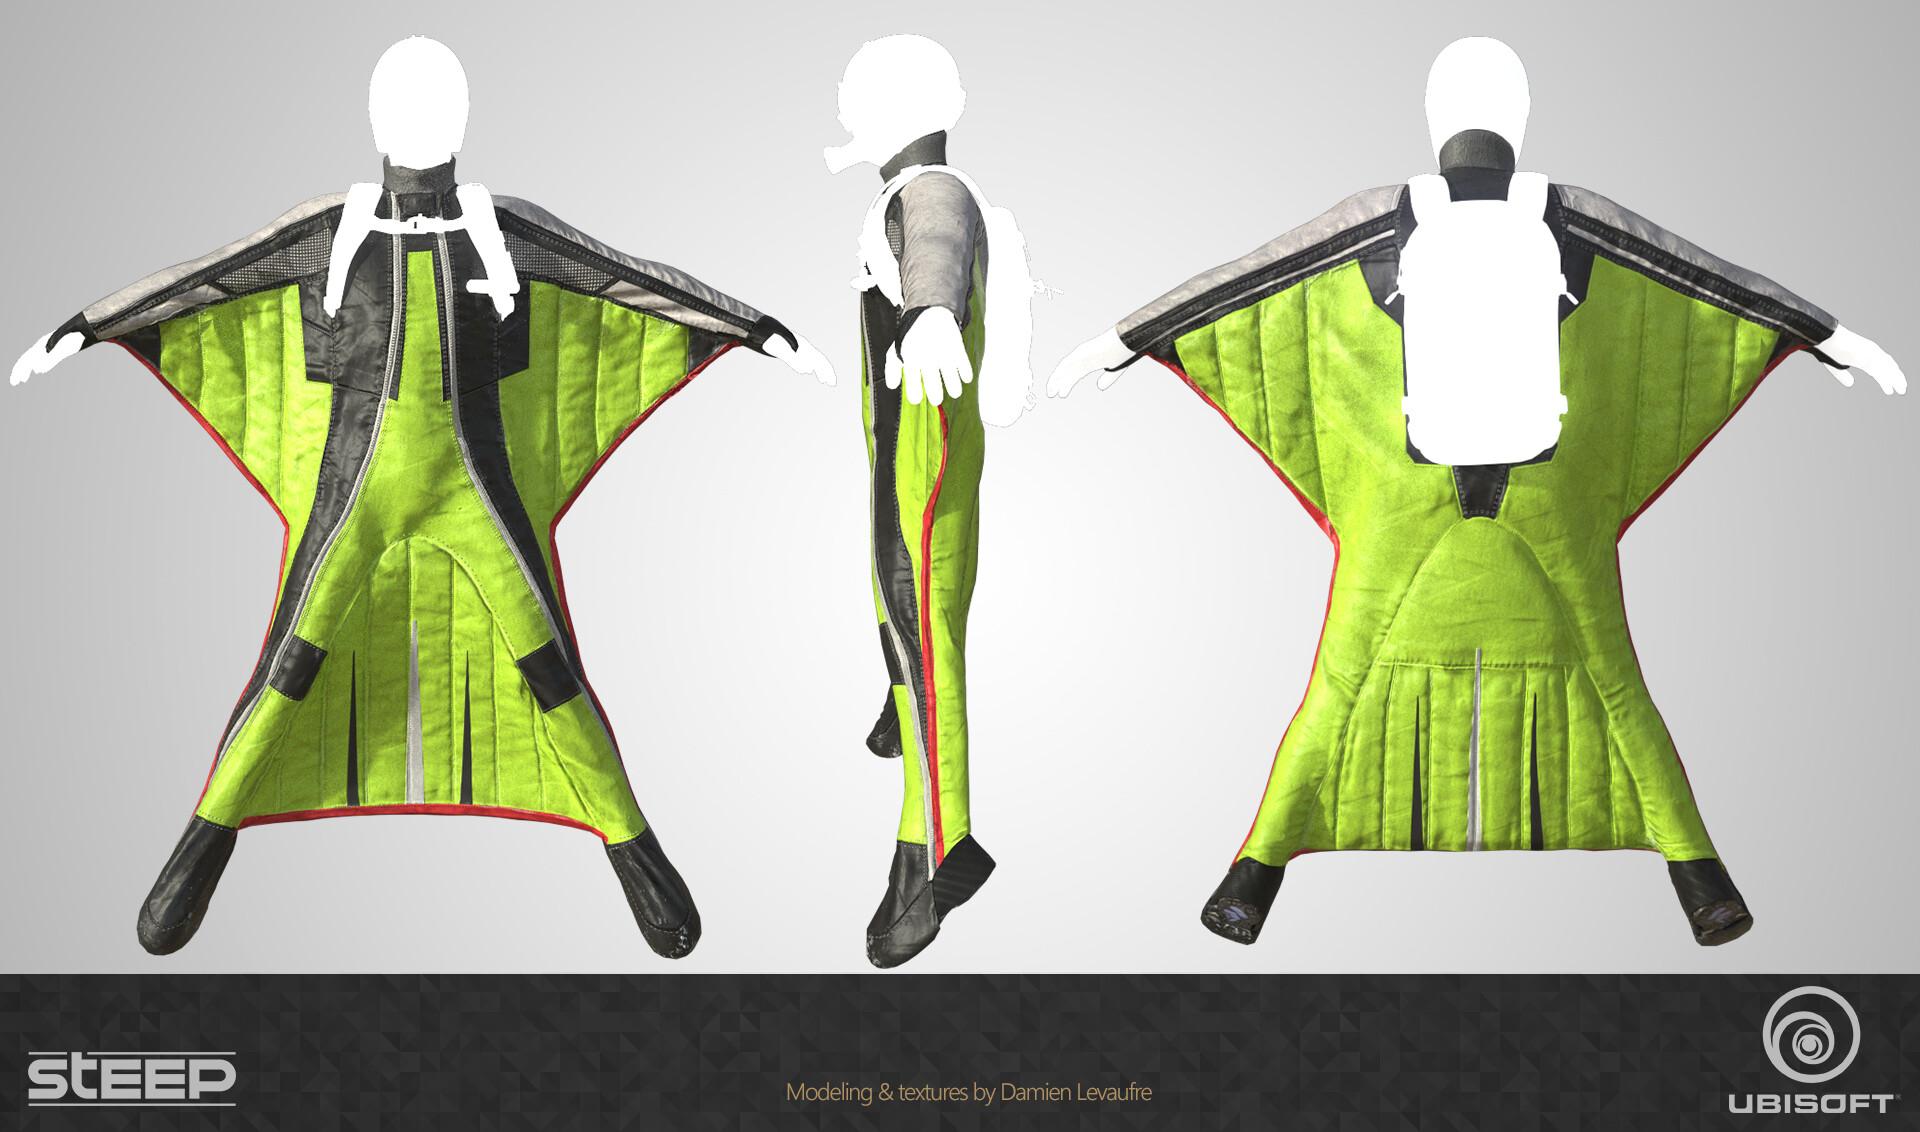 Damien levaufre wingsuit t04